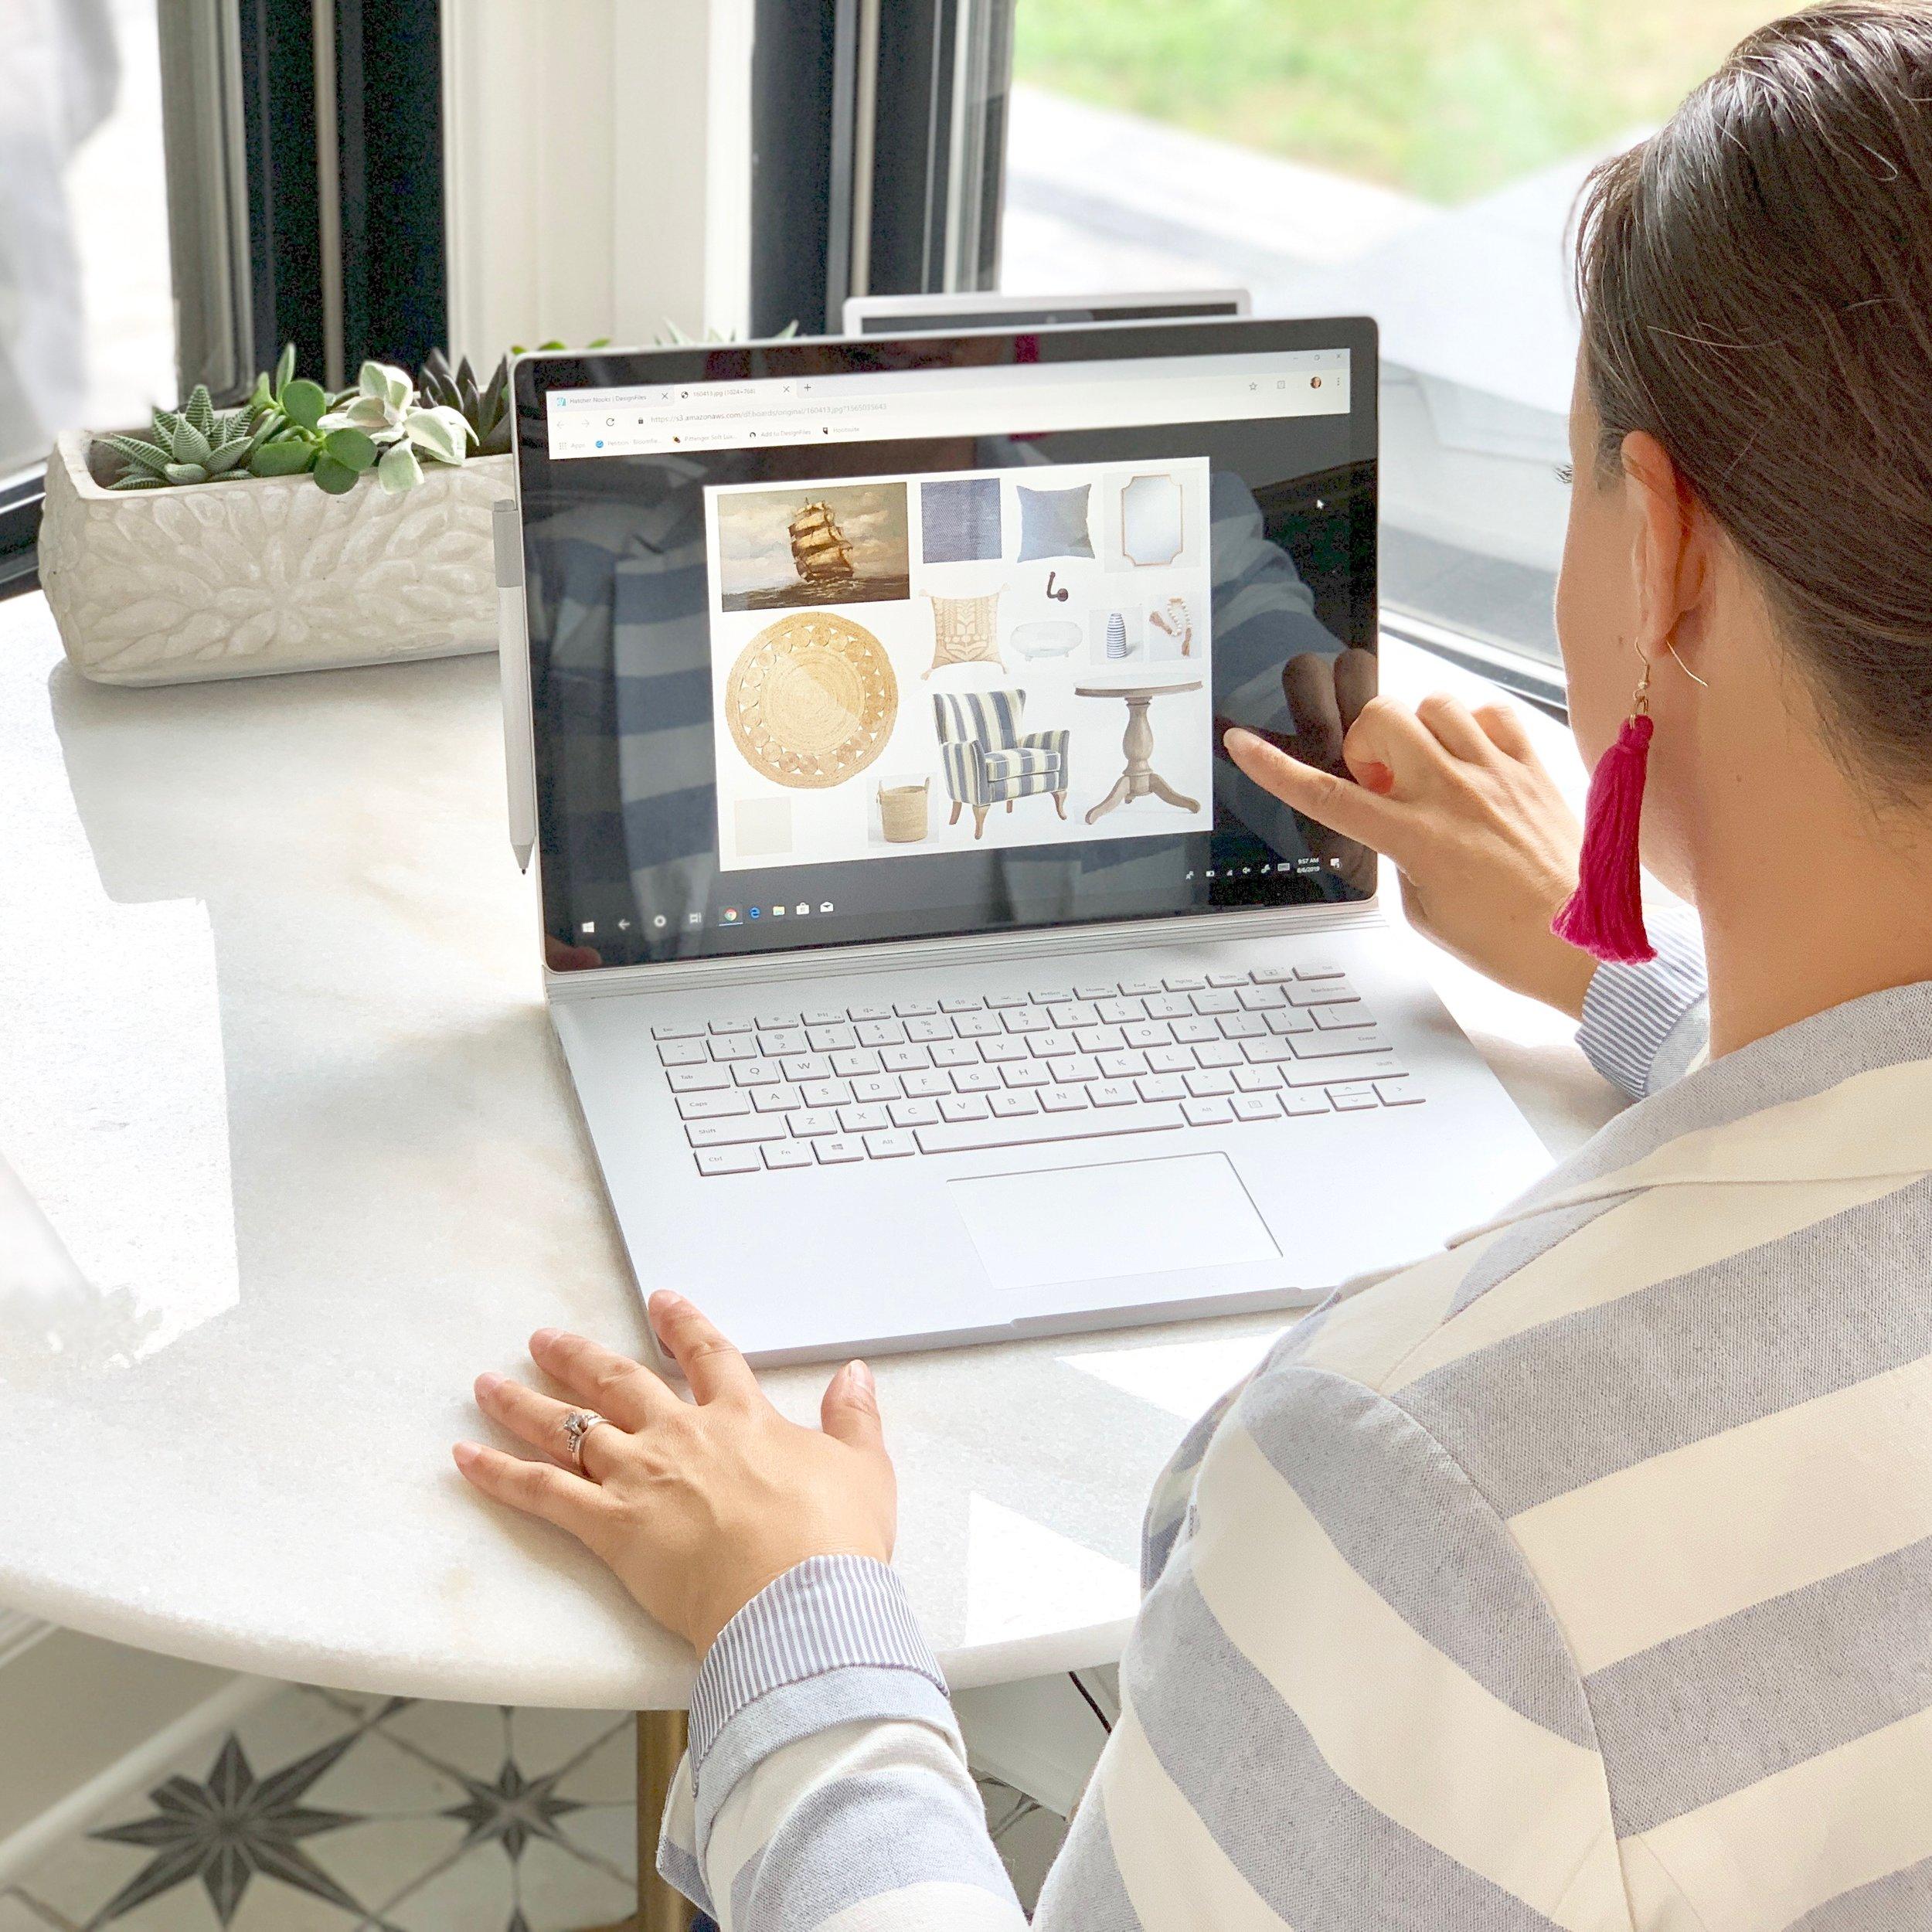 Noel Gatts, Owner/Designer at beam&bloom displays a digital e-design mood board